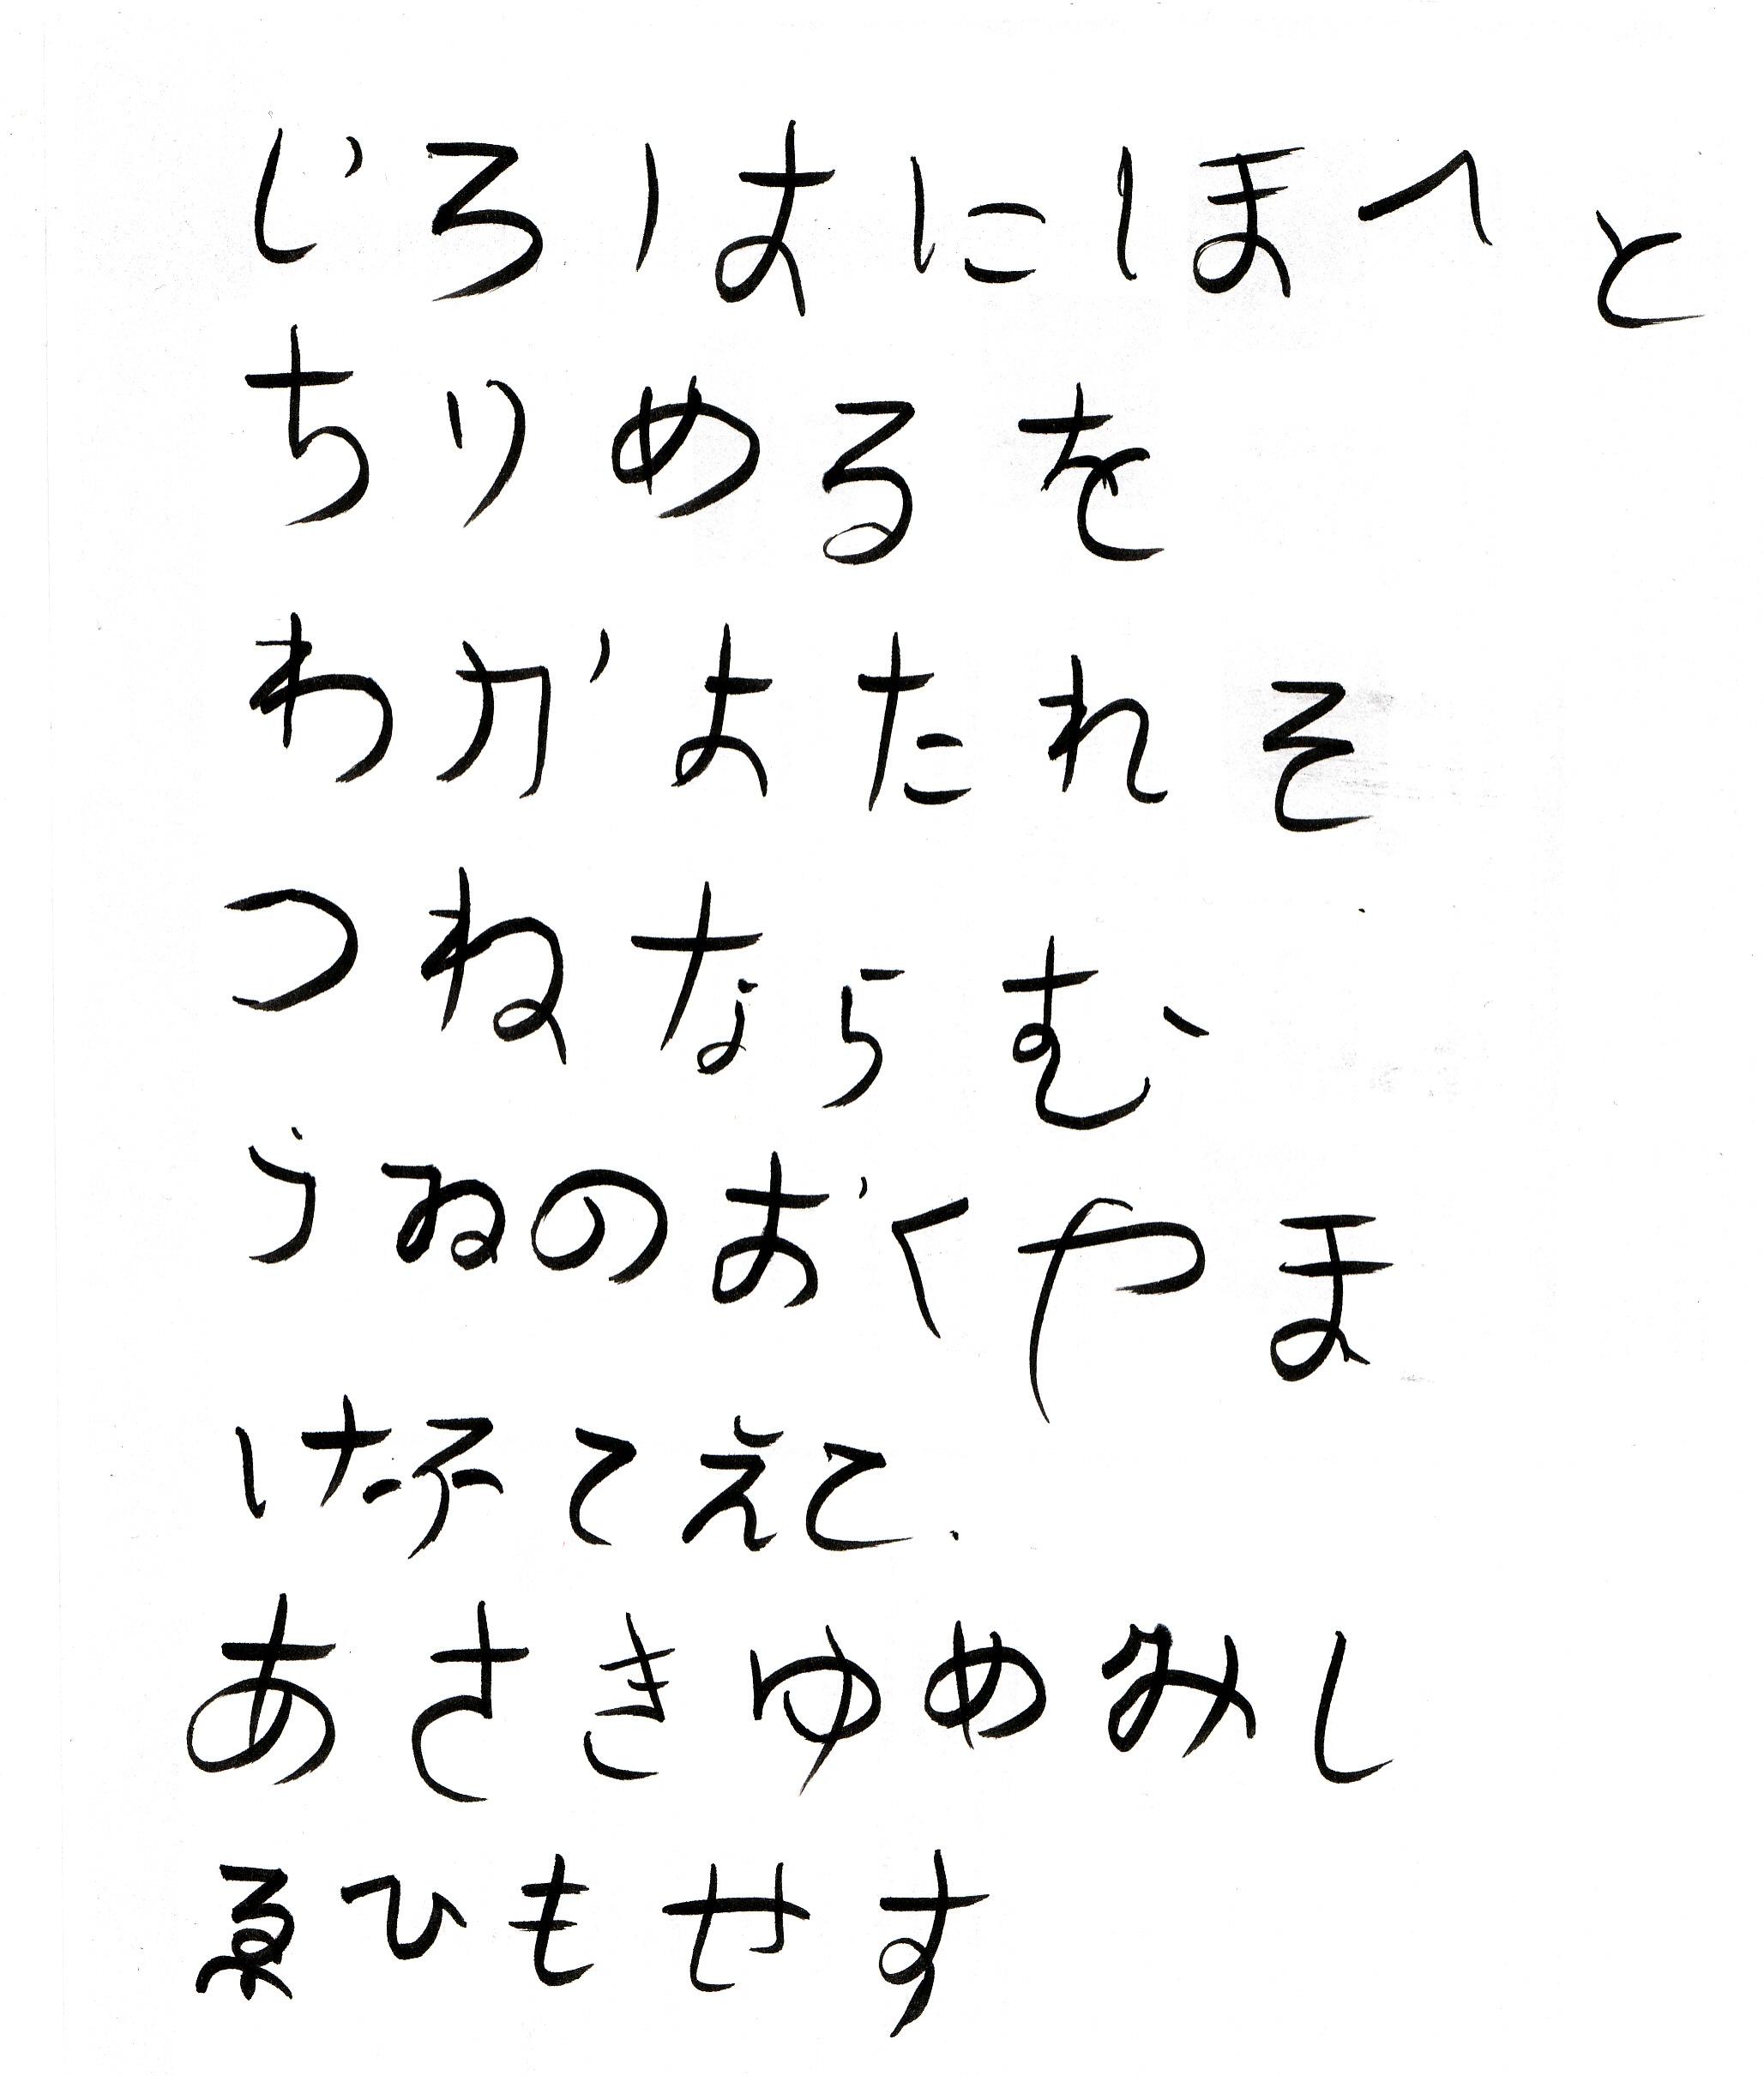 poesie japonaise